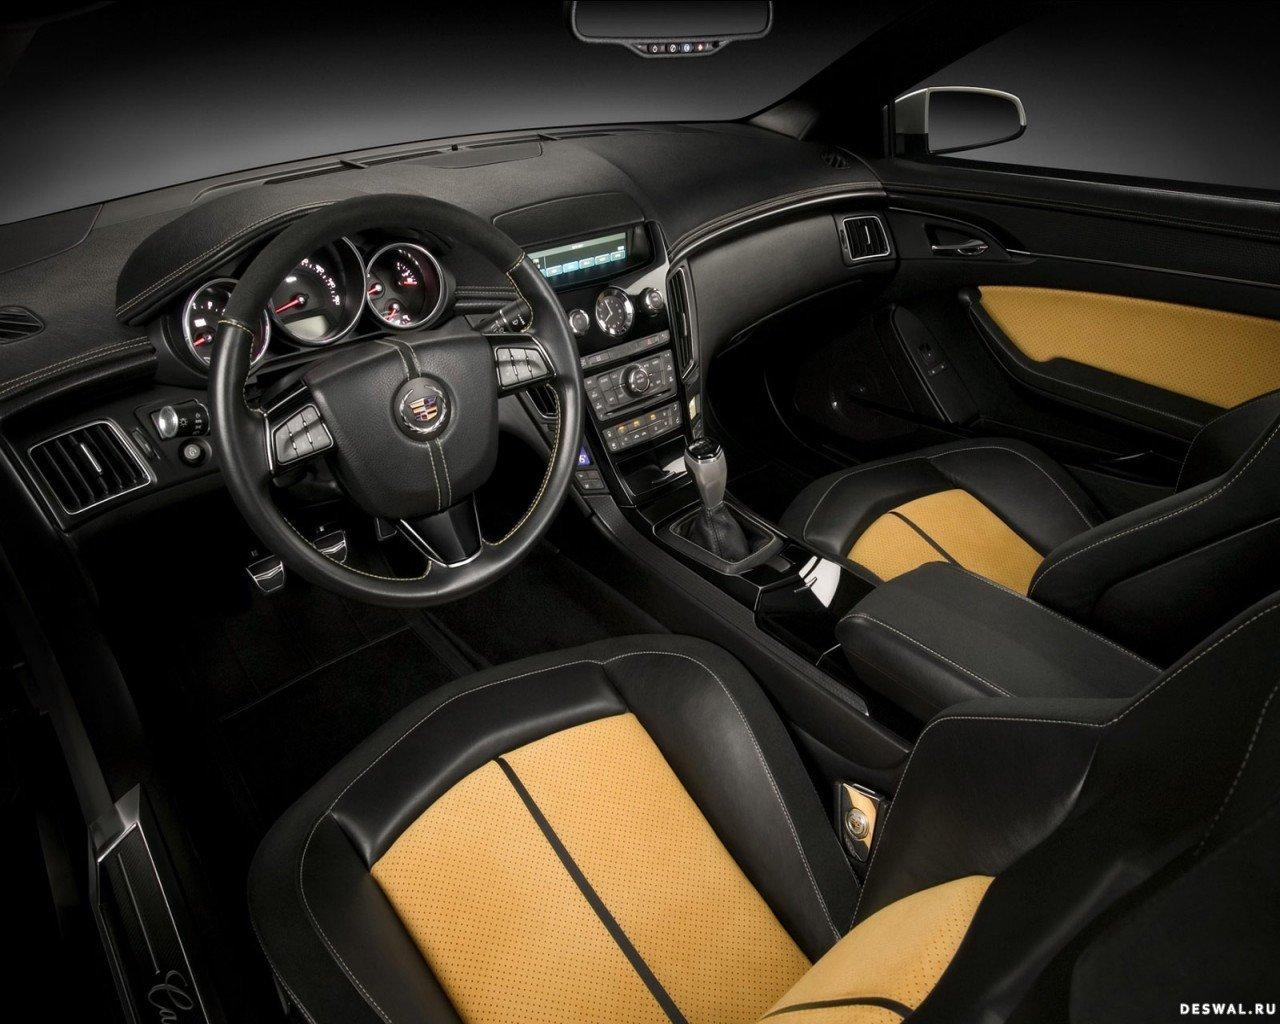 Автомобиль Cadillac на отличной фотообои, Нажмите на картинку с обоями автомобиля cadillac, чтобы просмотреть ее в реальном размере